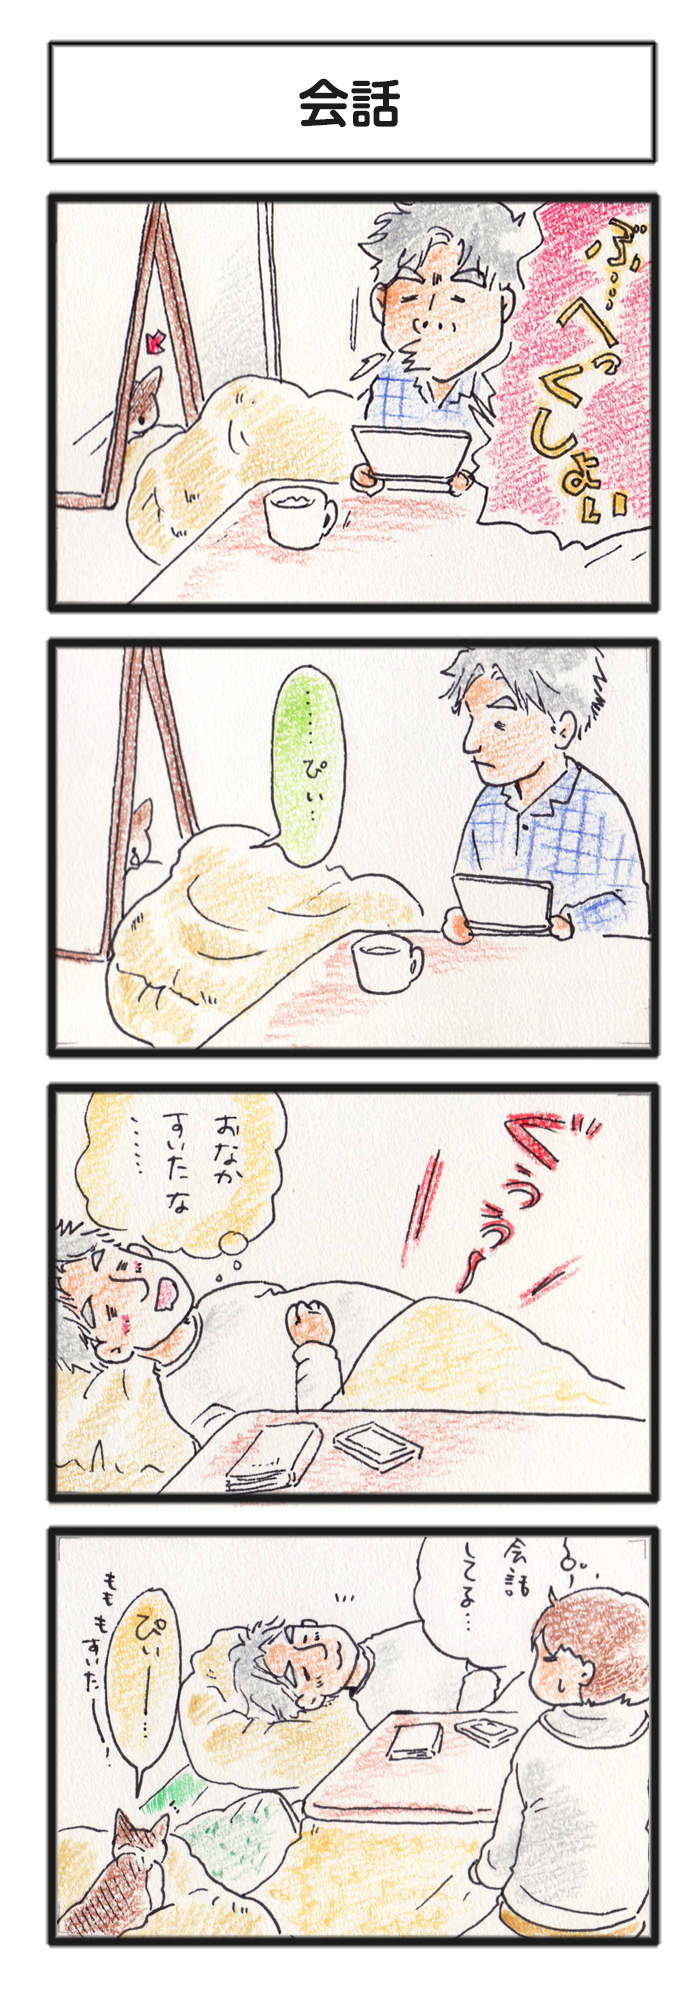 comic_4c_14122102.jpg